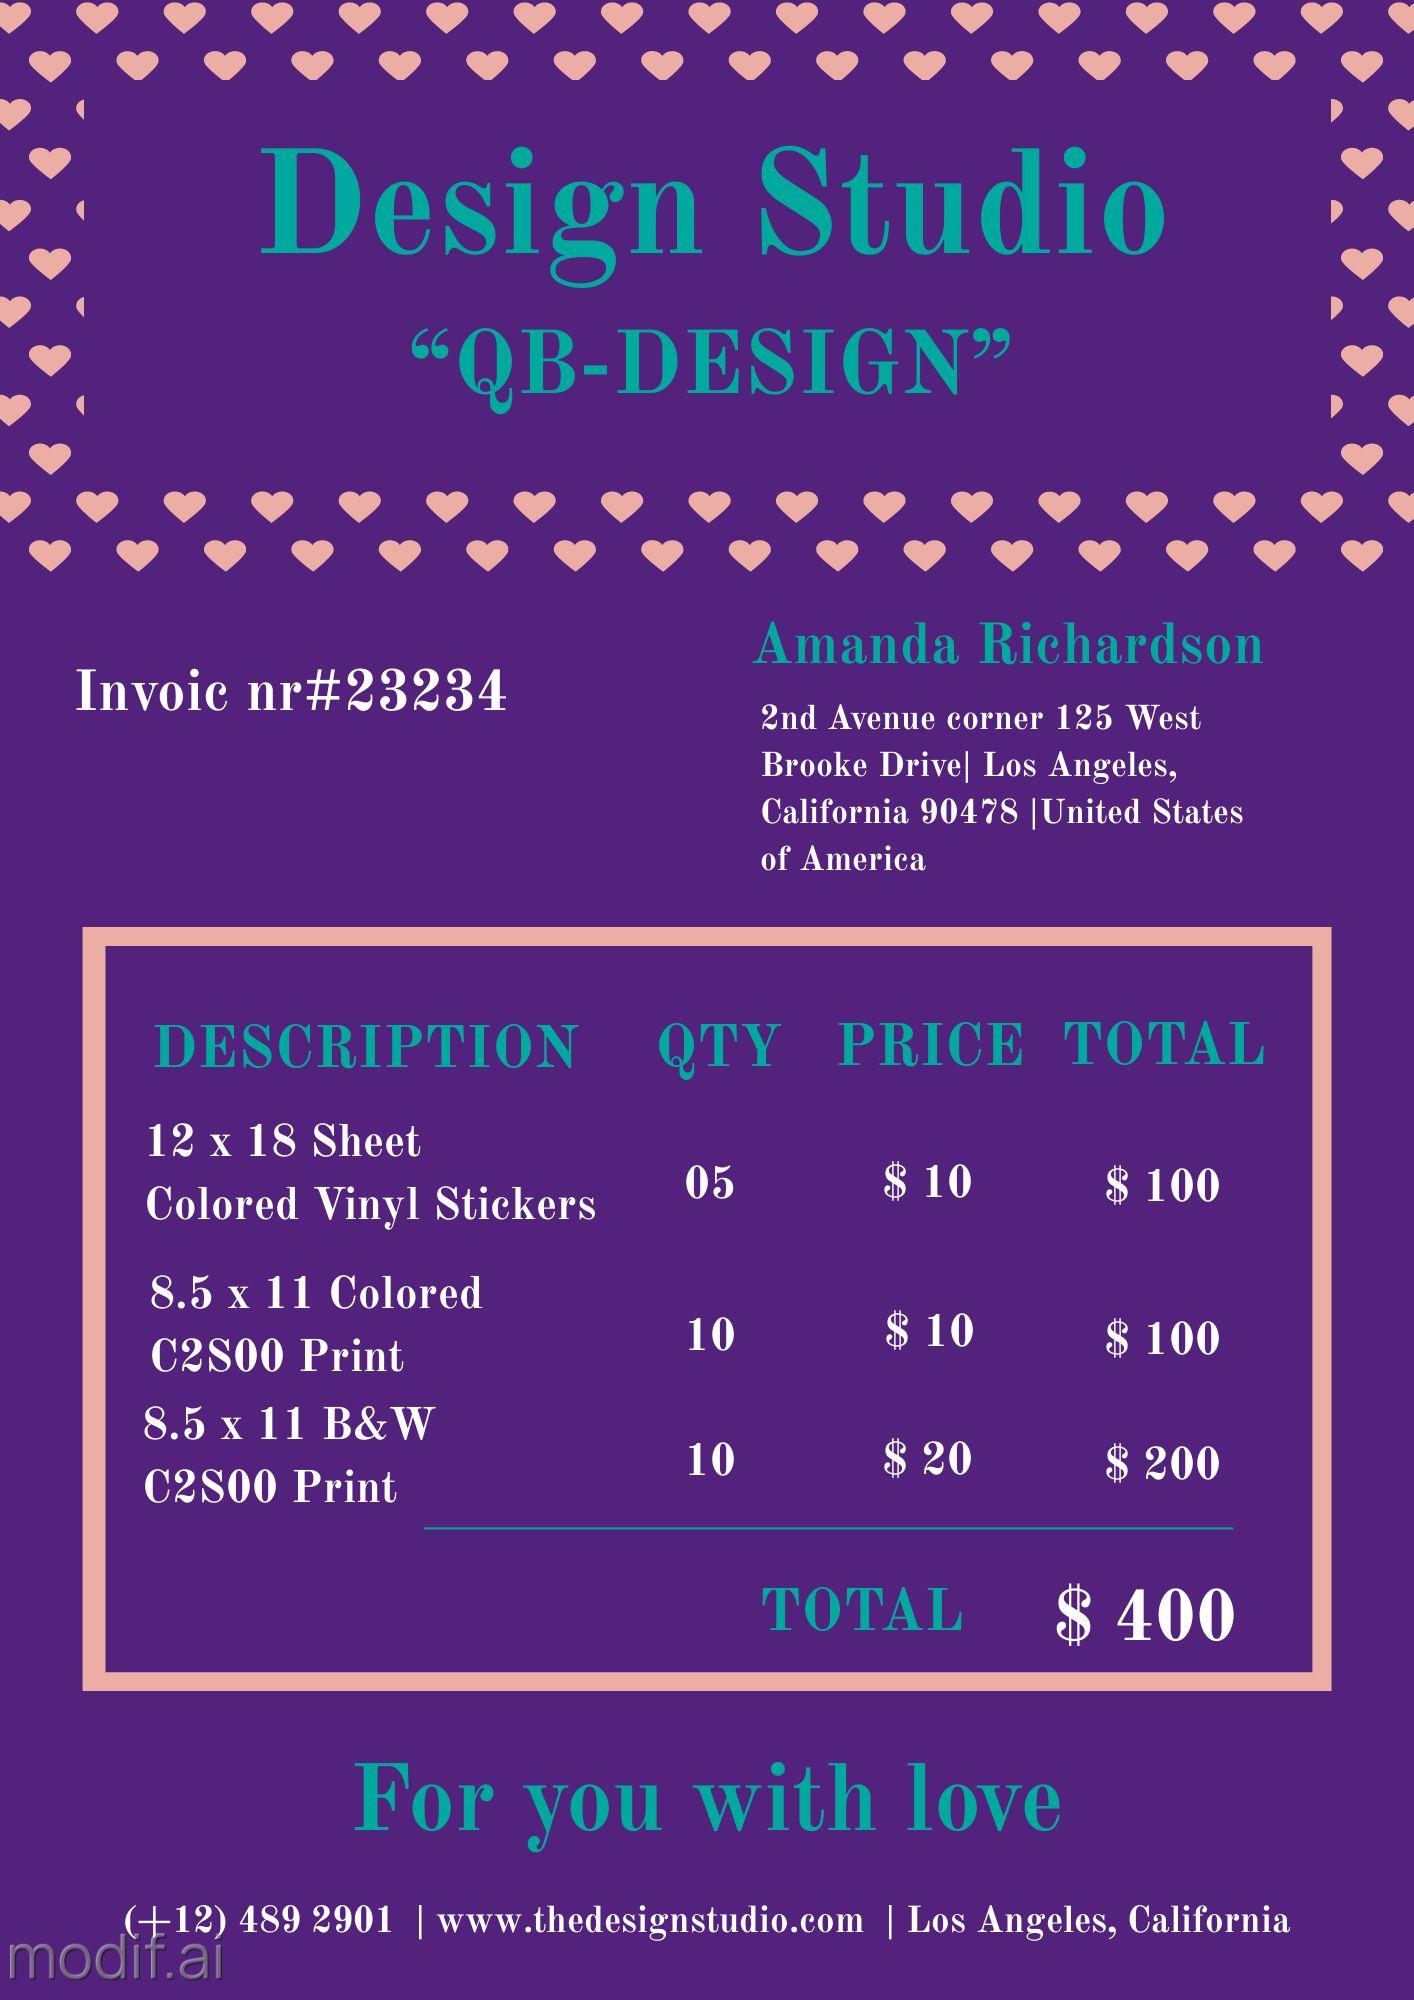 Invoice for Design Studio